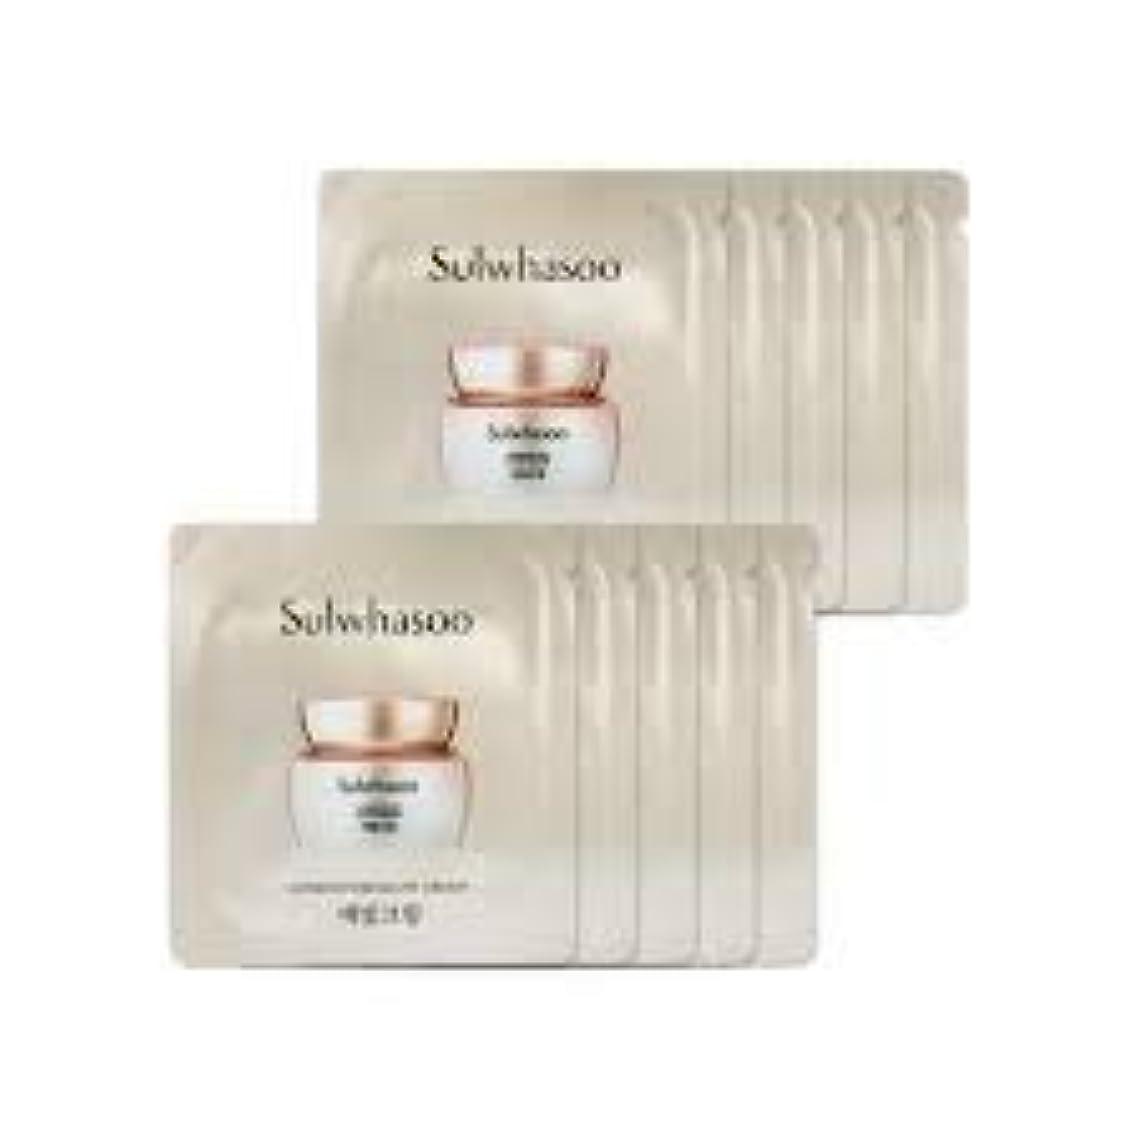 ダルセット入る不当[ソルファス ] Sulwhasoo (雪花秀) ルミナチュアグロー Luminature Glow Cream 1ml x 30 (イェビトクリーム) [ShopMaster1]